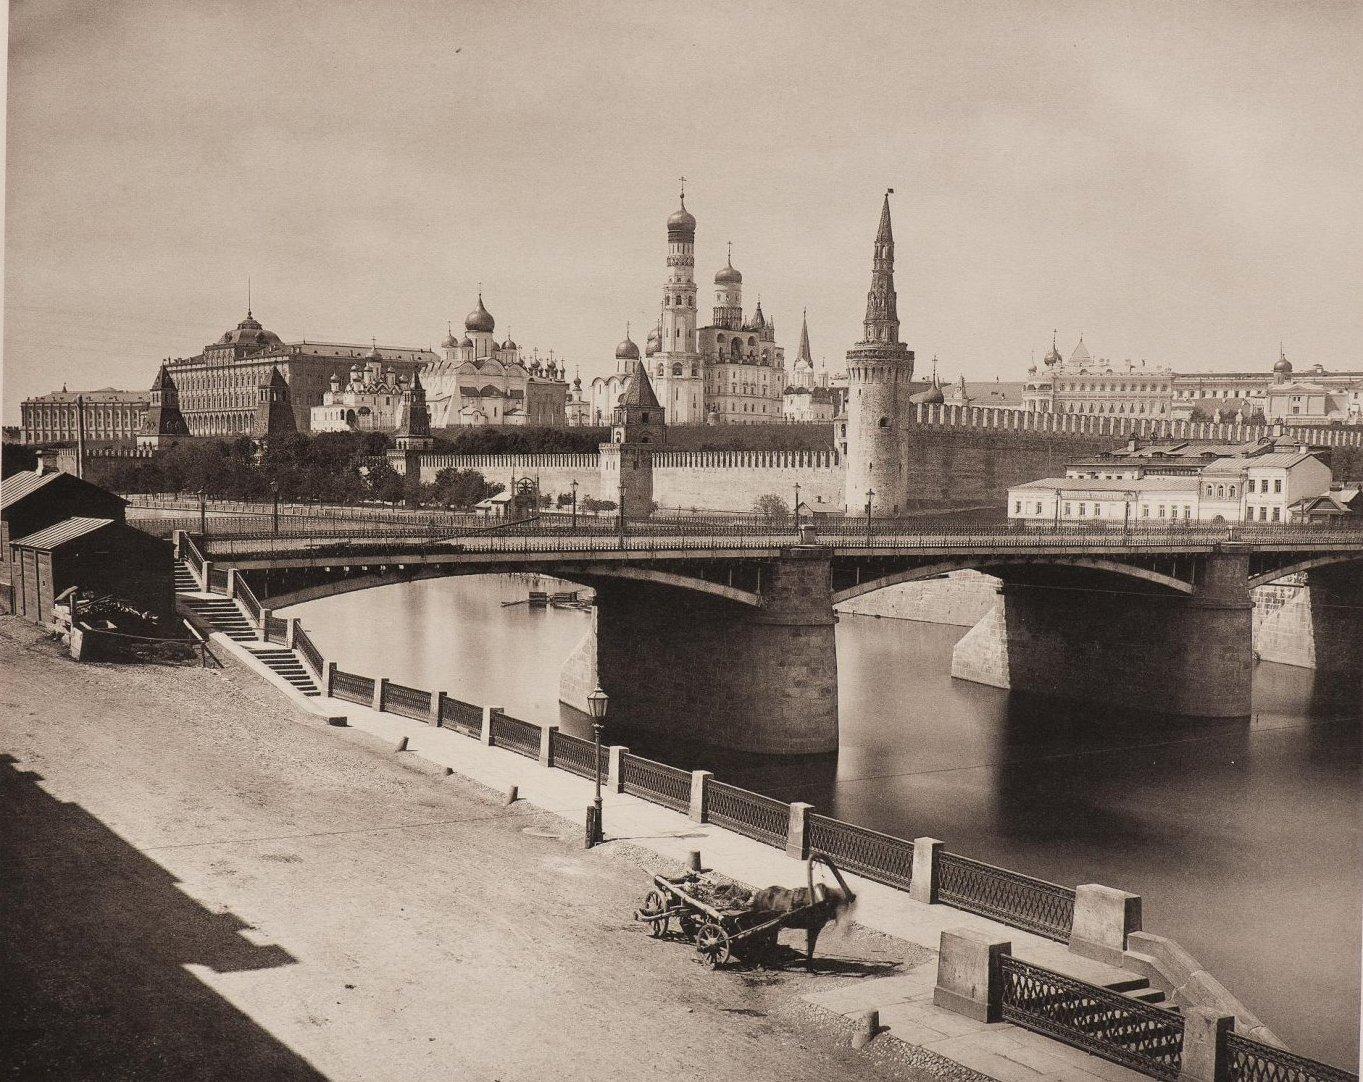 Вид Кремля и Москворецкого моста от Москворецкой набережной. 1884